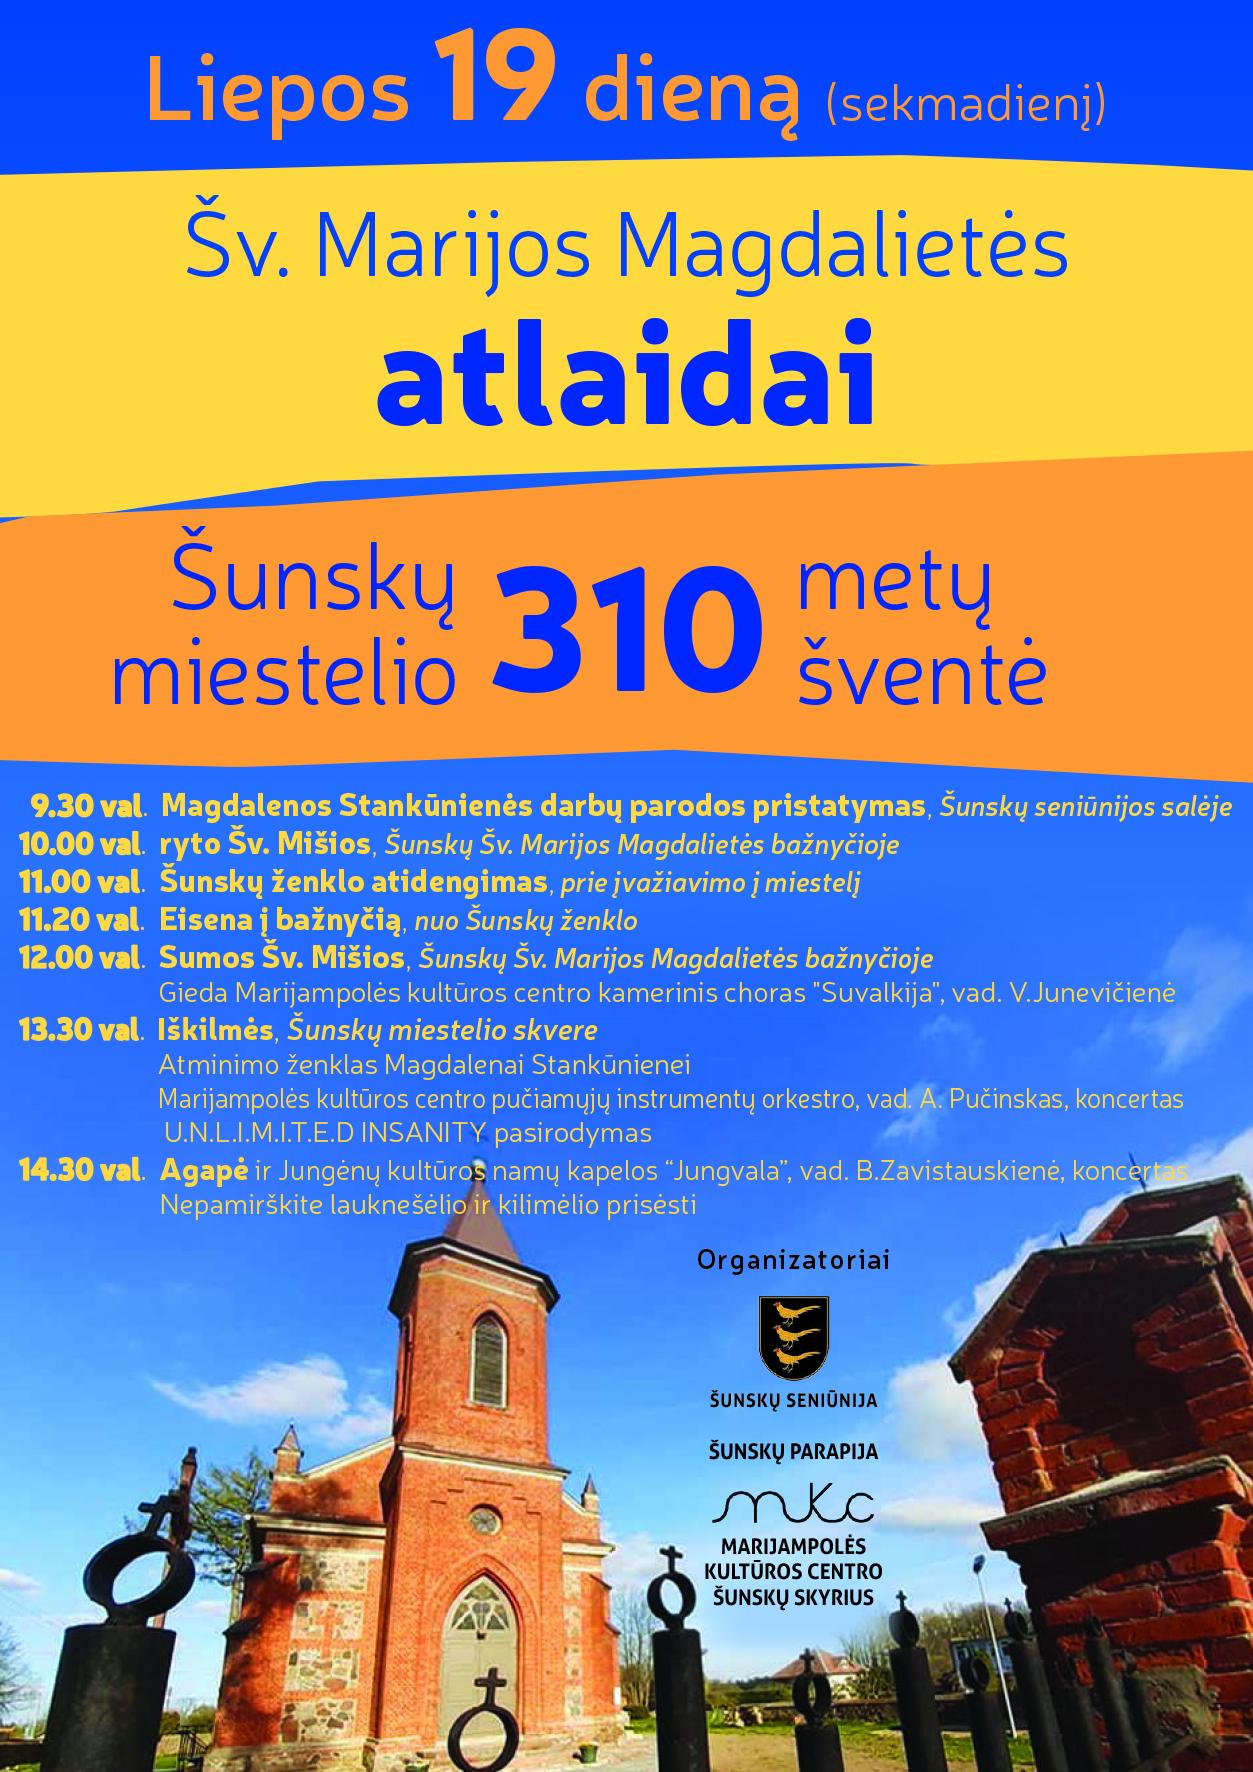 Šunskų 310 metų miestelio šventė